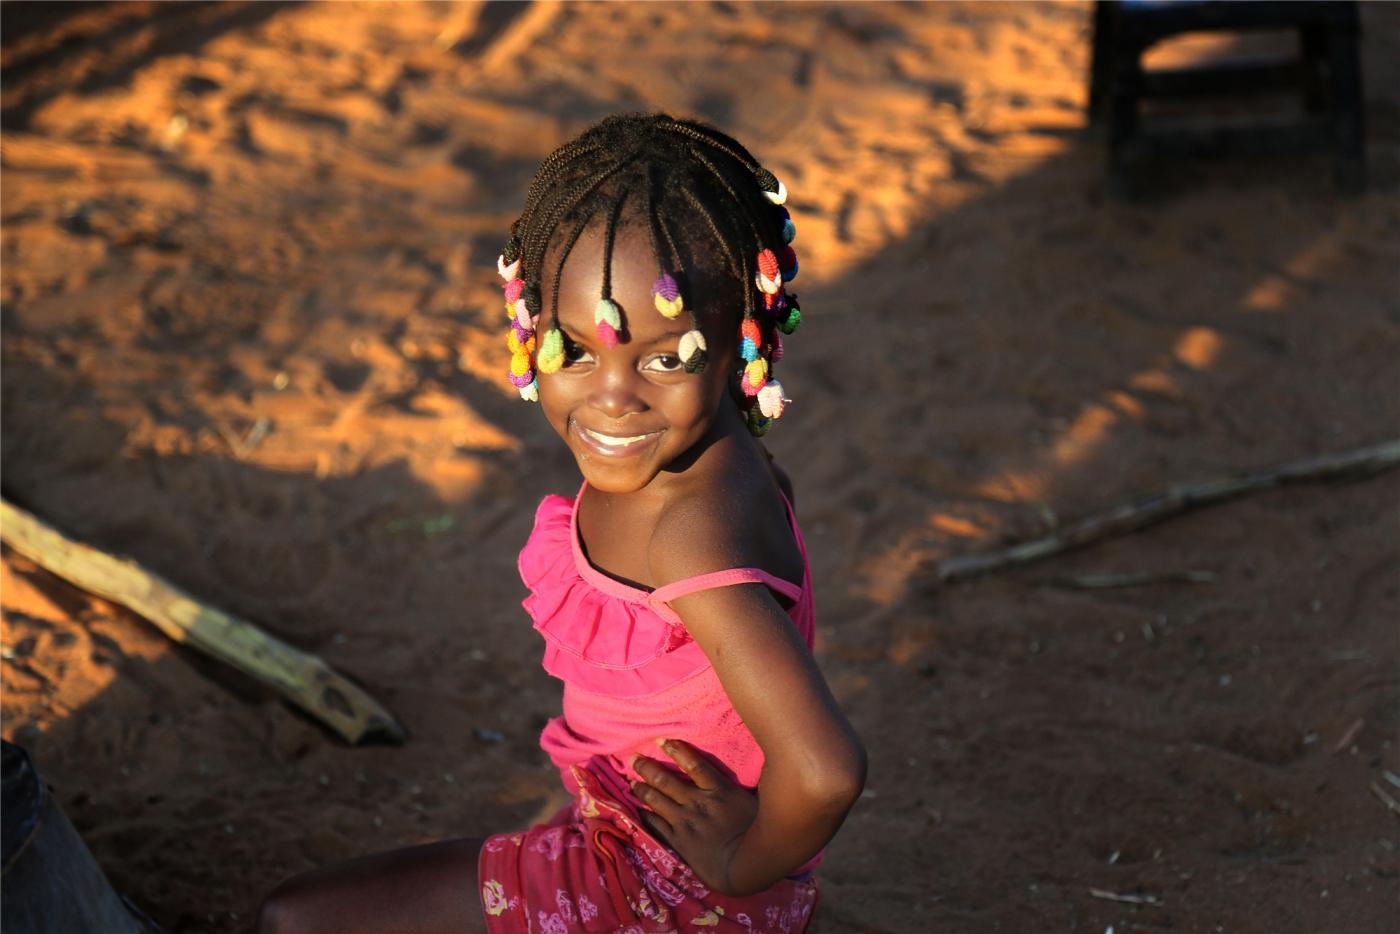 【原创实拍】黑色脸谱  ——行摄南部非洲(人像篇)_图1-17